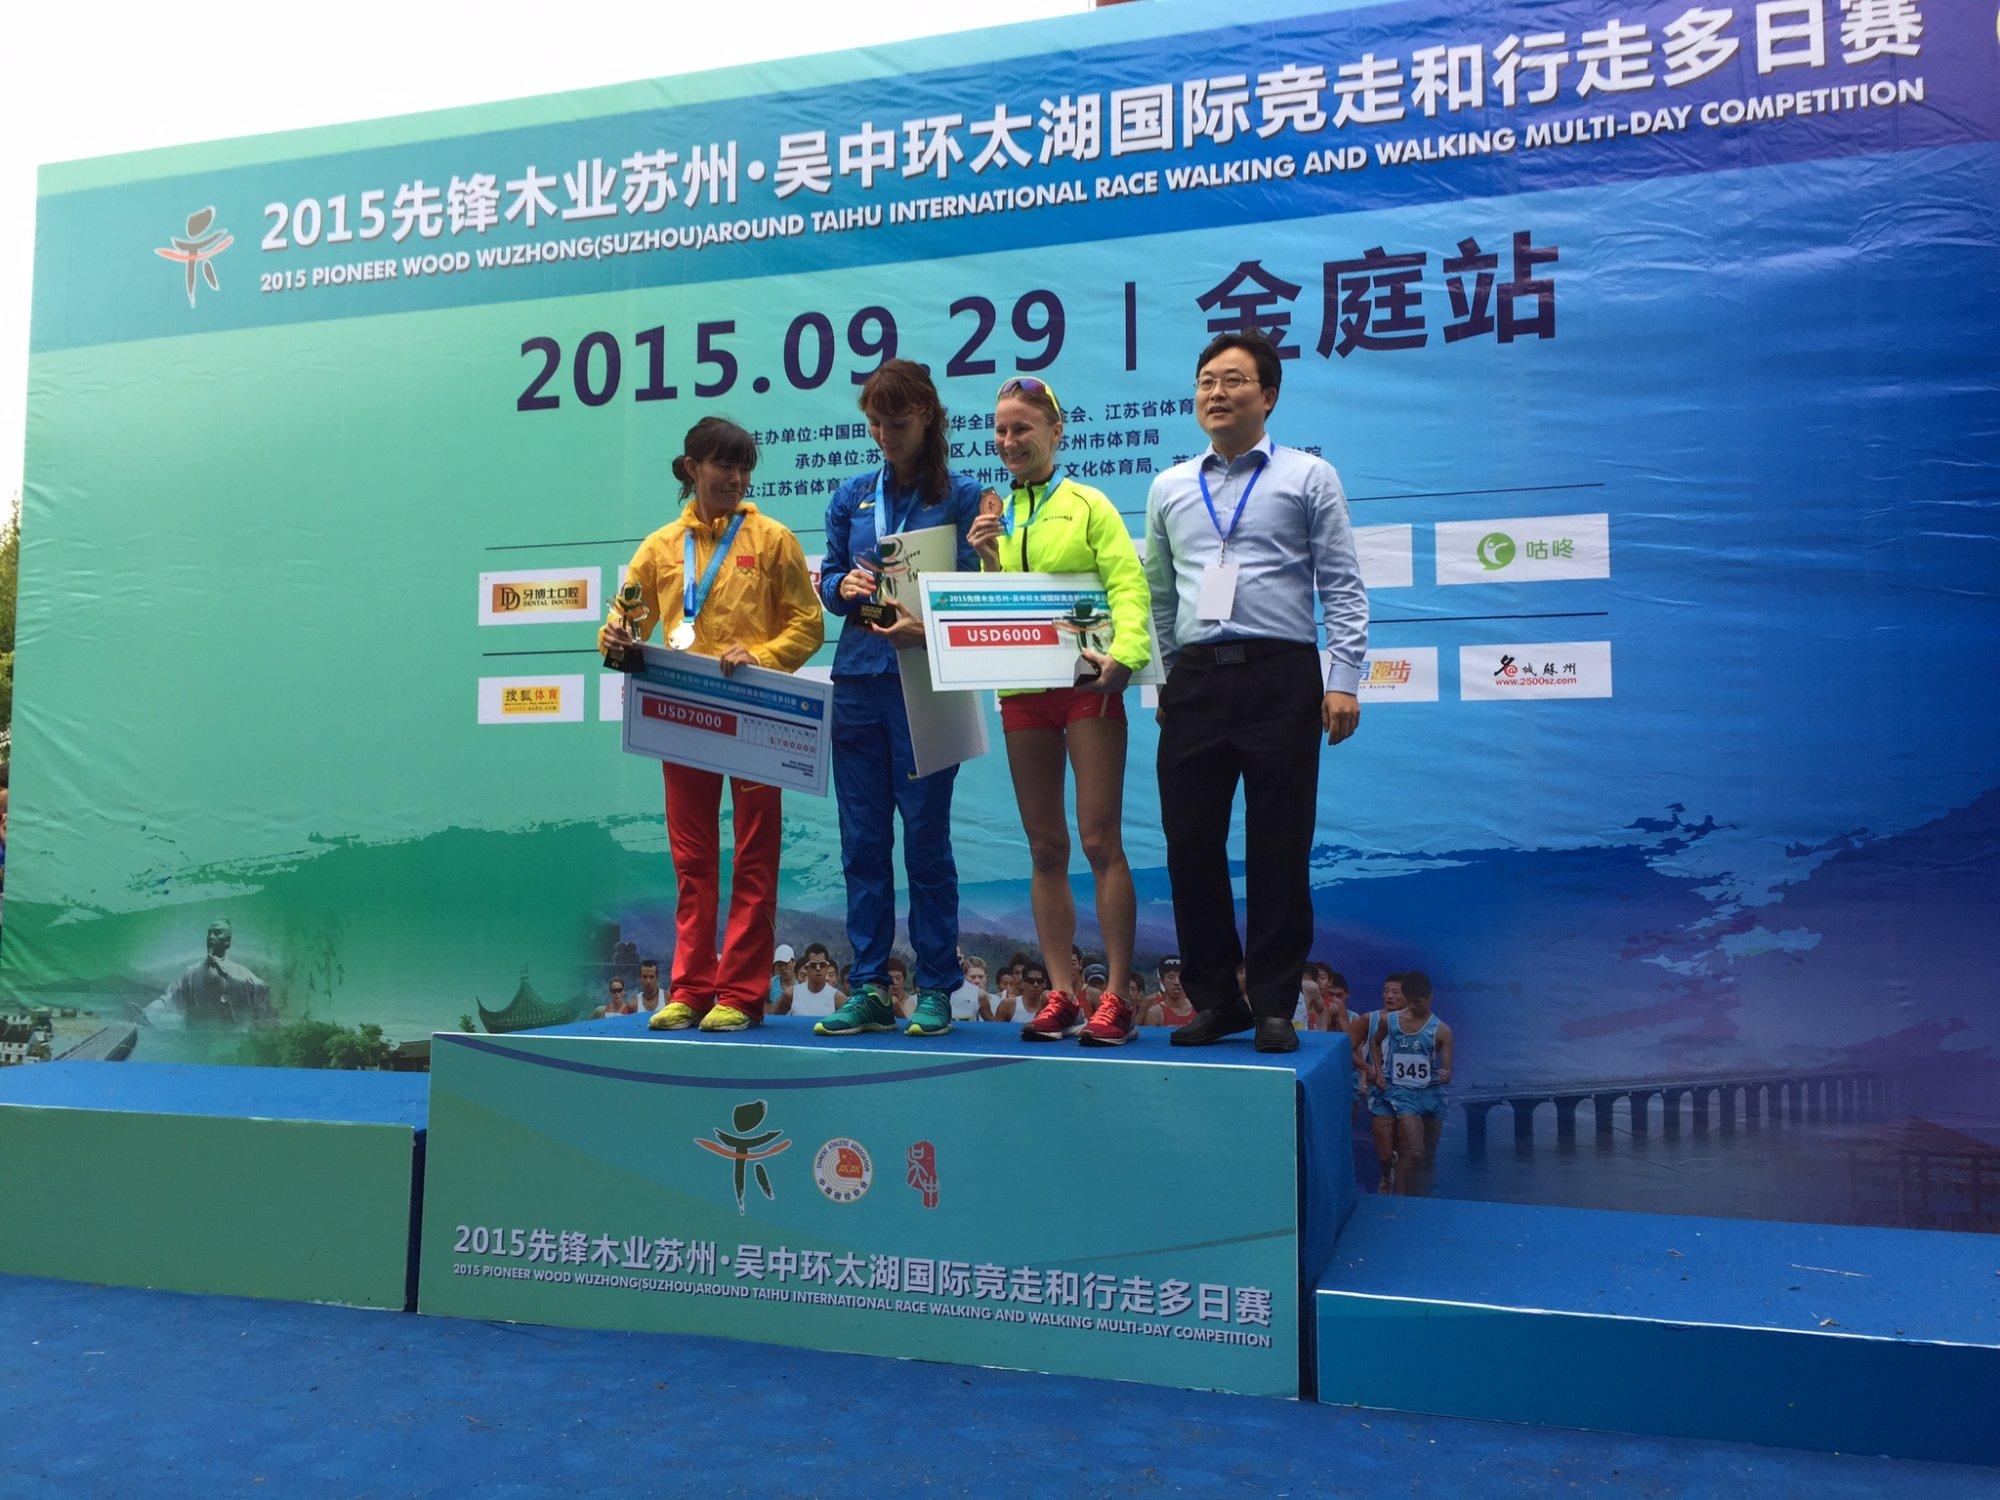 Украинка Людмила Оляновская выиграла многодневку в Китае